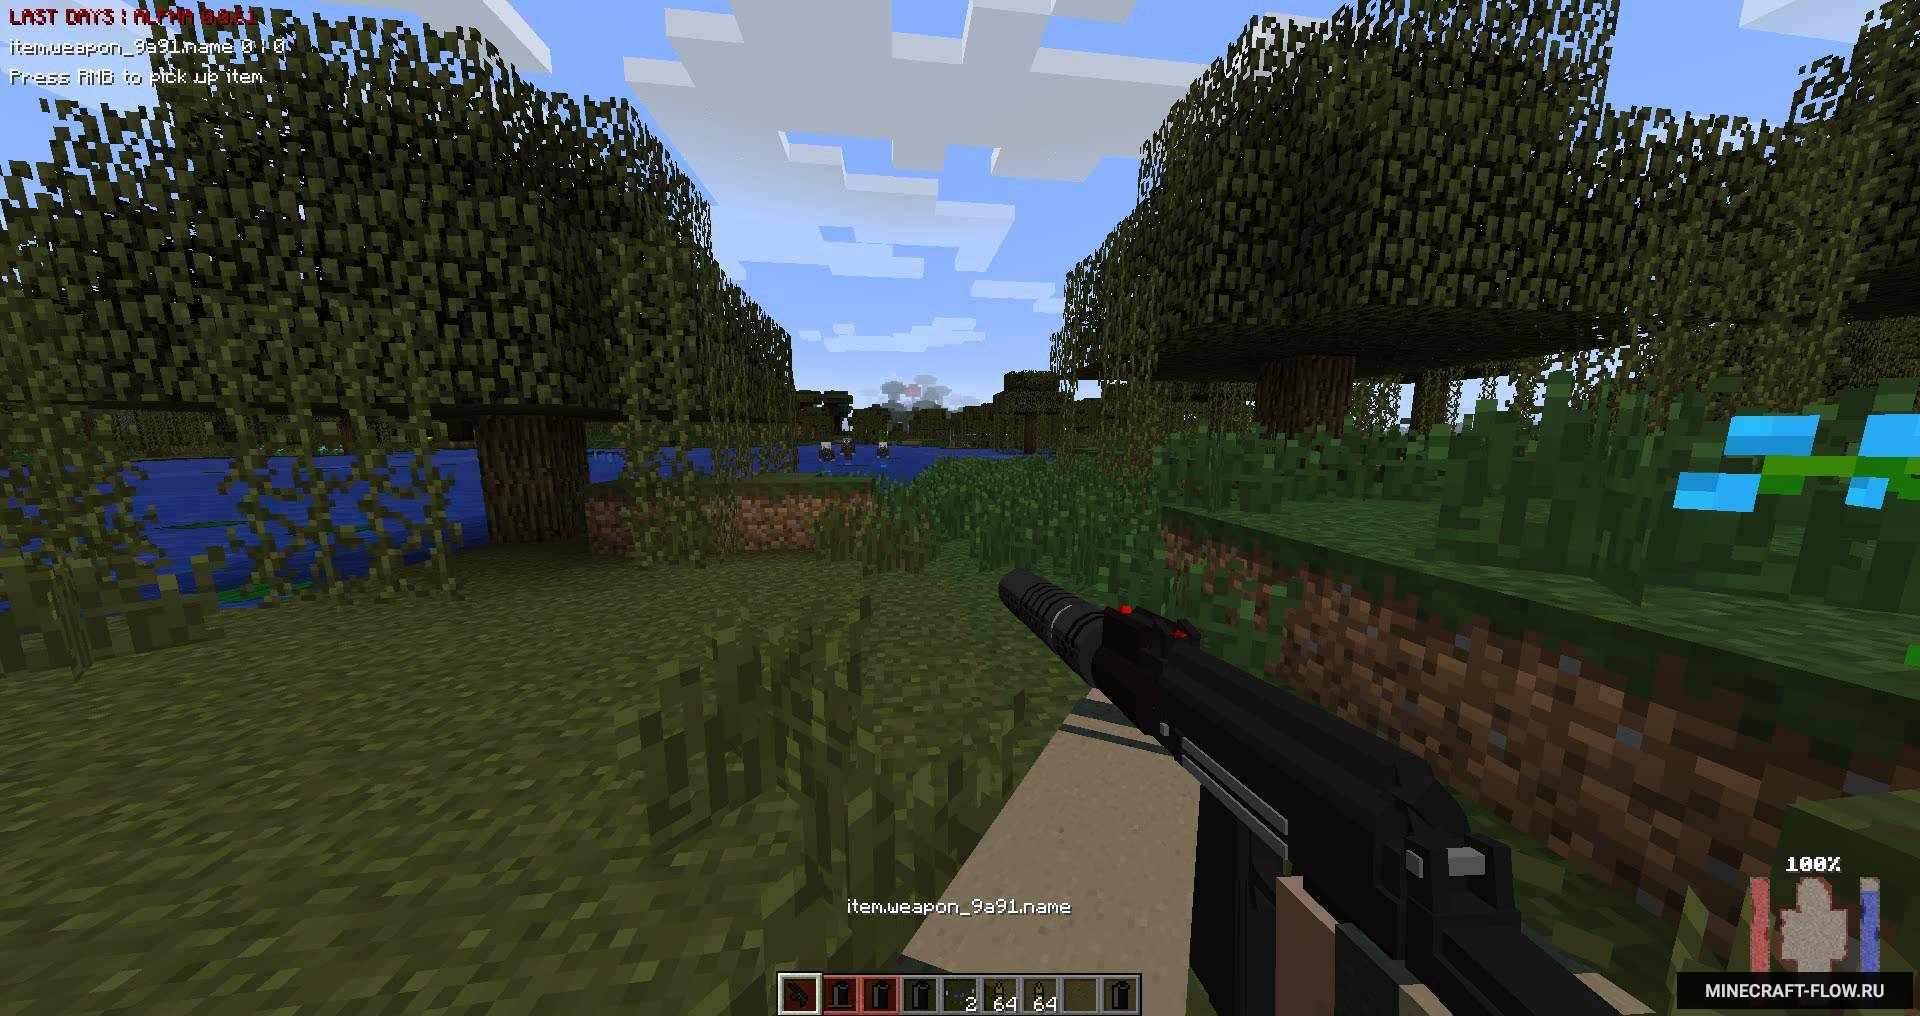 Скачать мод DAYZ для Minecraft 1.7.2 бесплатно